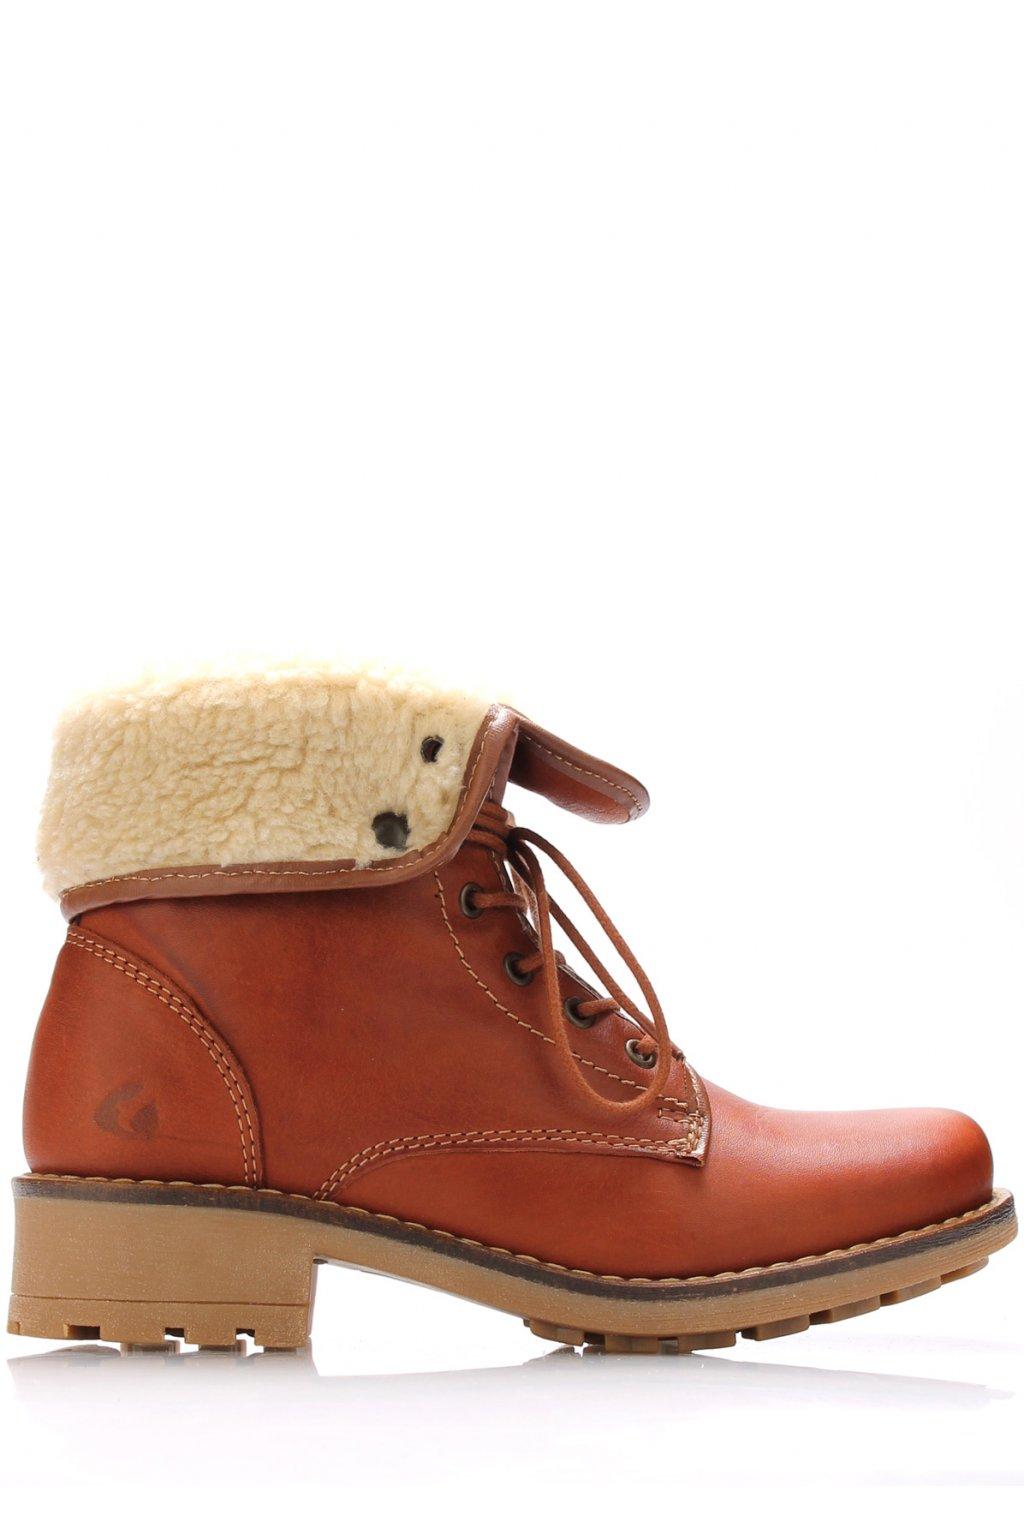 Hnědé kožené kotníkové boty s kožíškem Online Shoes